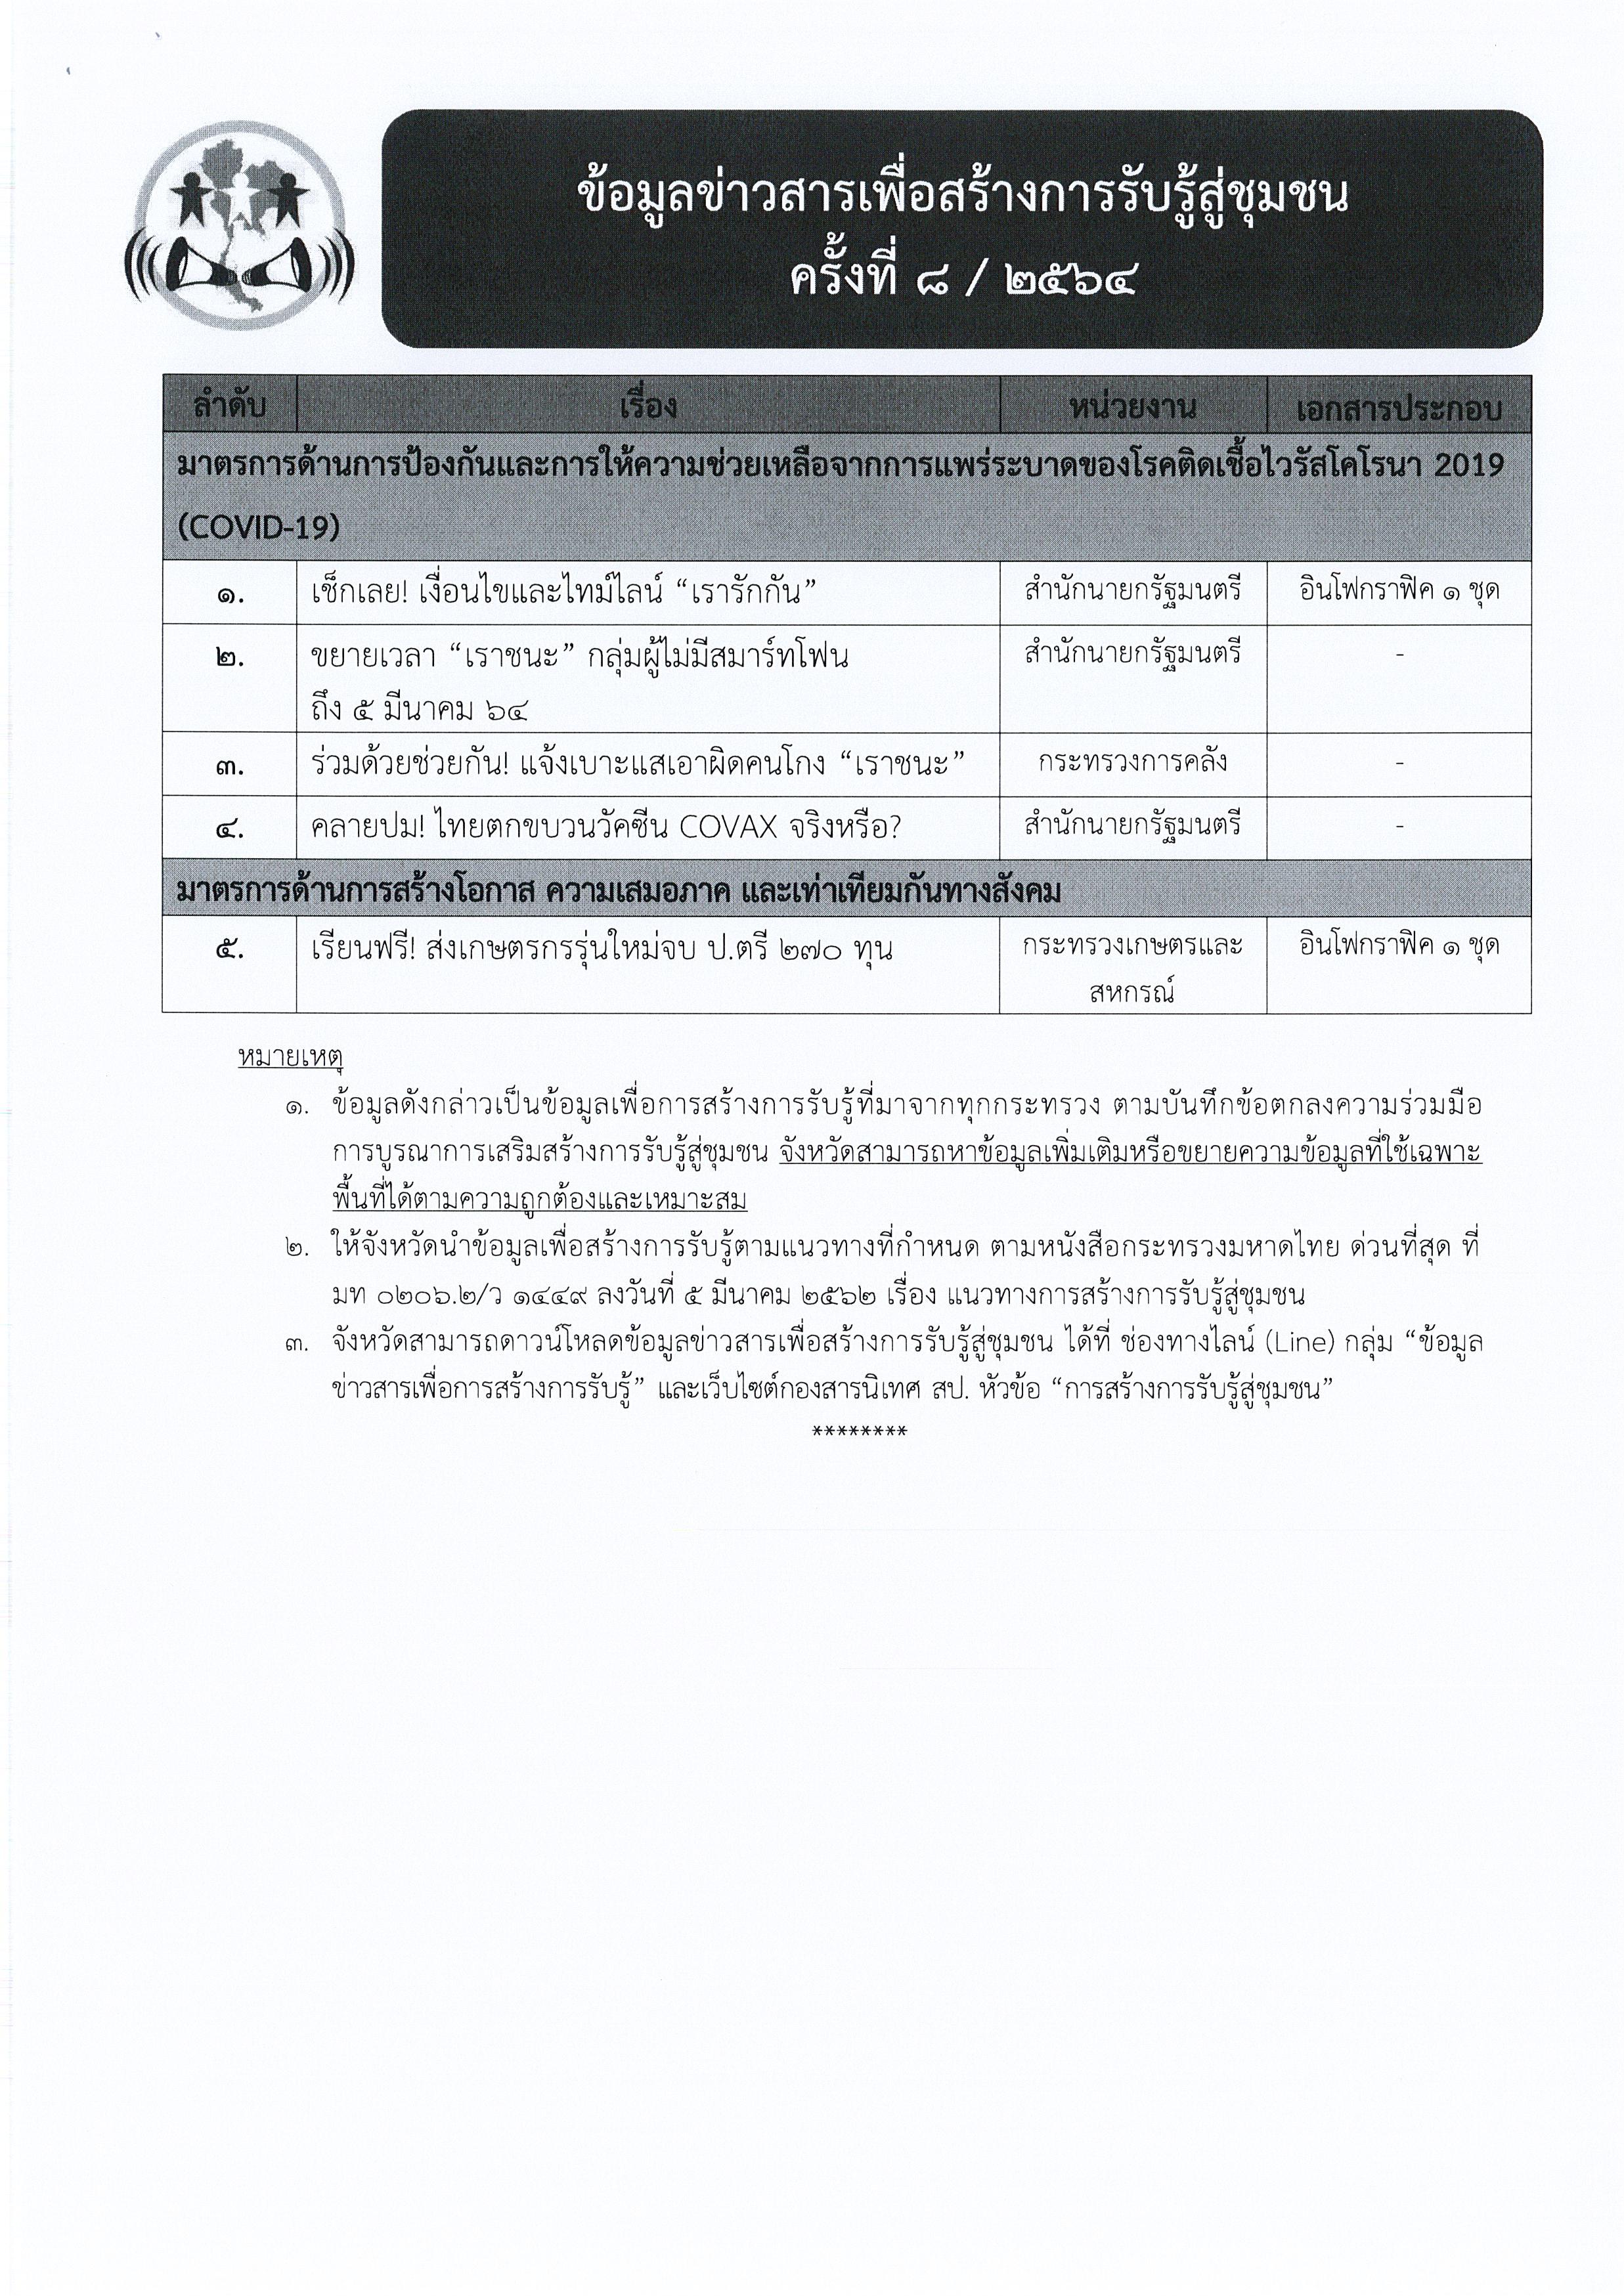 ข้อมูลข่าวสารเพื่อสร้างการรับรู้สู่ชุมชุน ครั้งที่ 8/2564